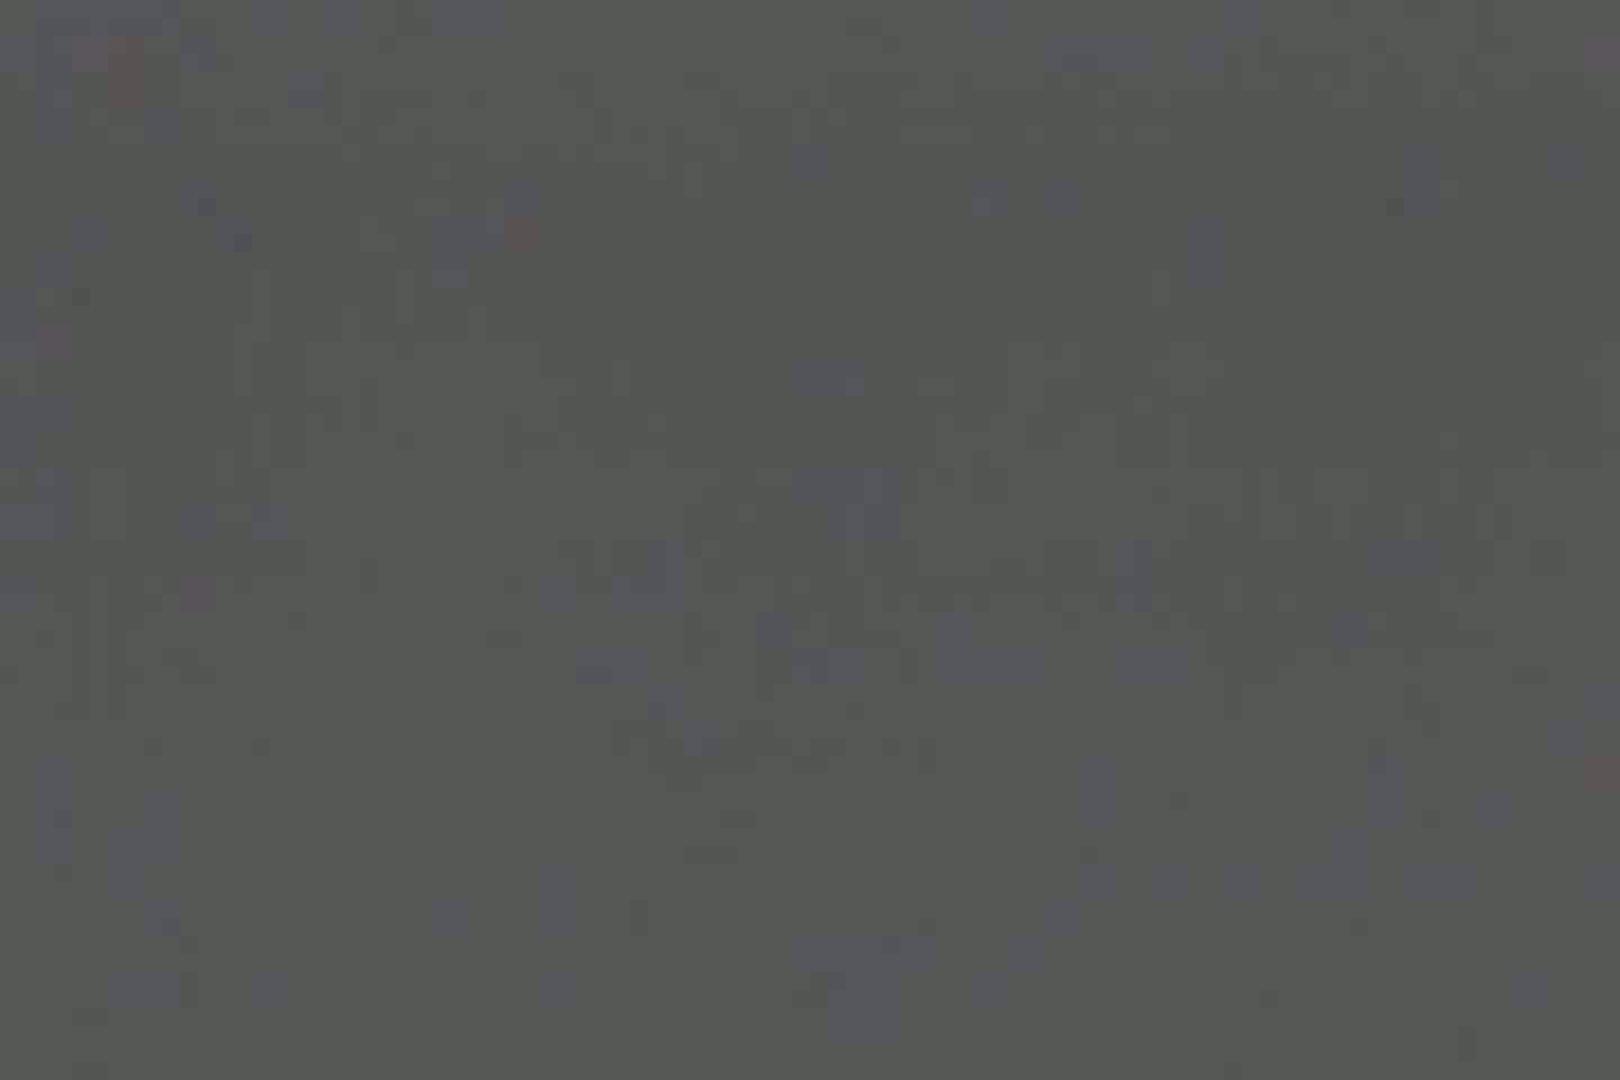 個室狂いのマニア映像Vol.4 OL  102枚 101